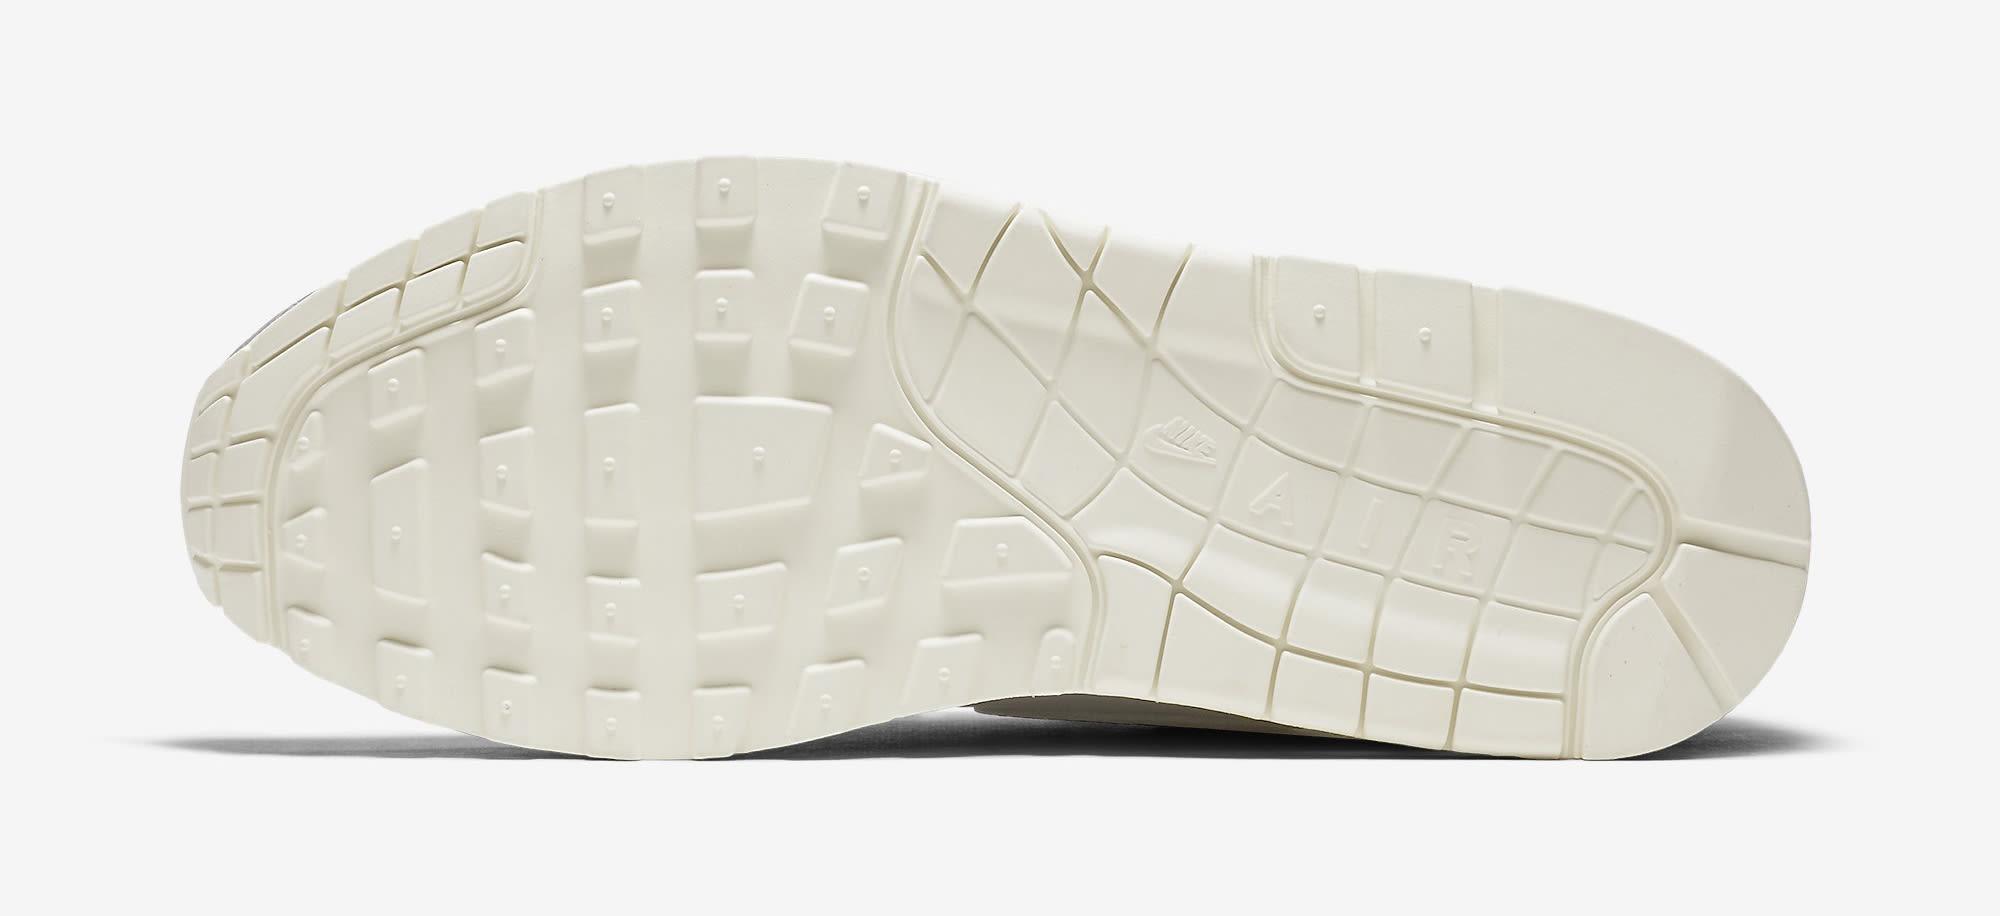 Nike Air Max 1 Pinnacle Leather Ocean Fog Blue Sail 859554-400 Sole